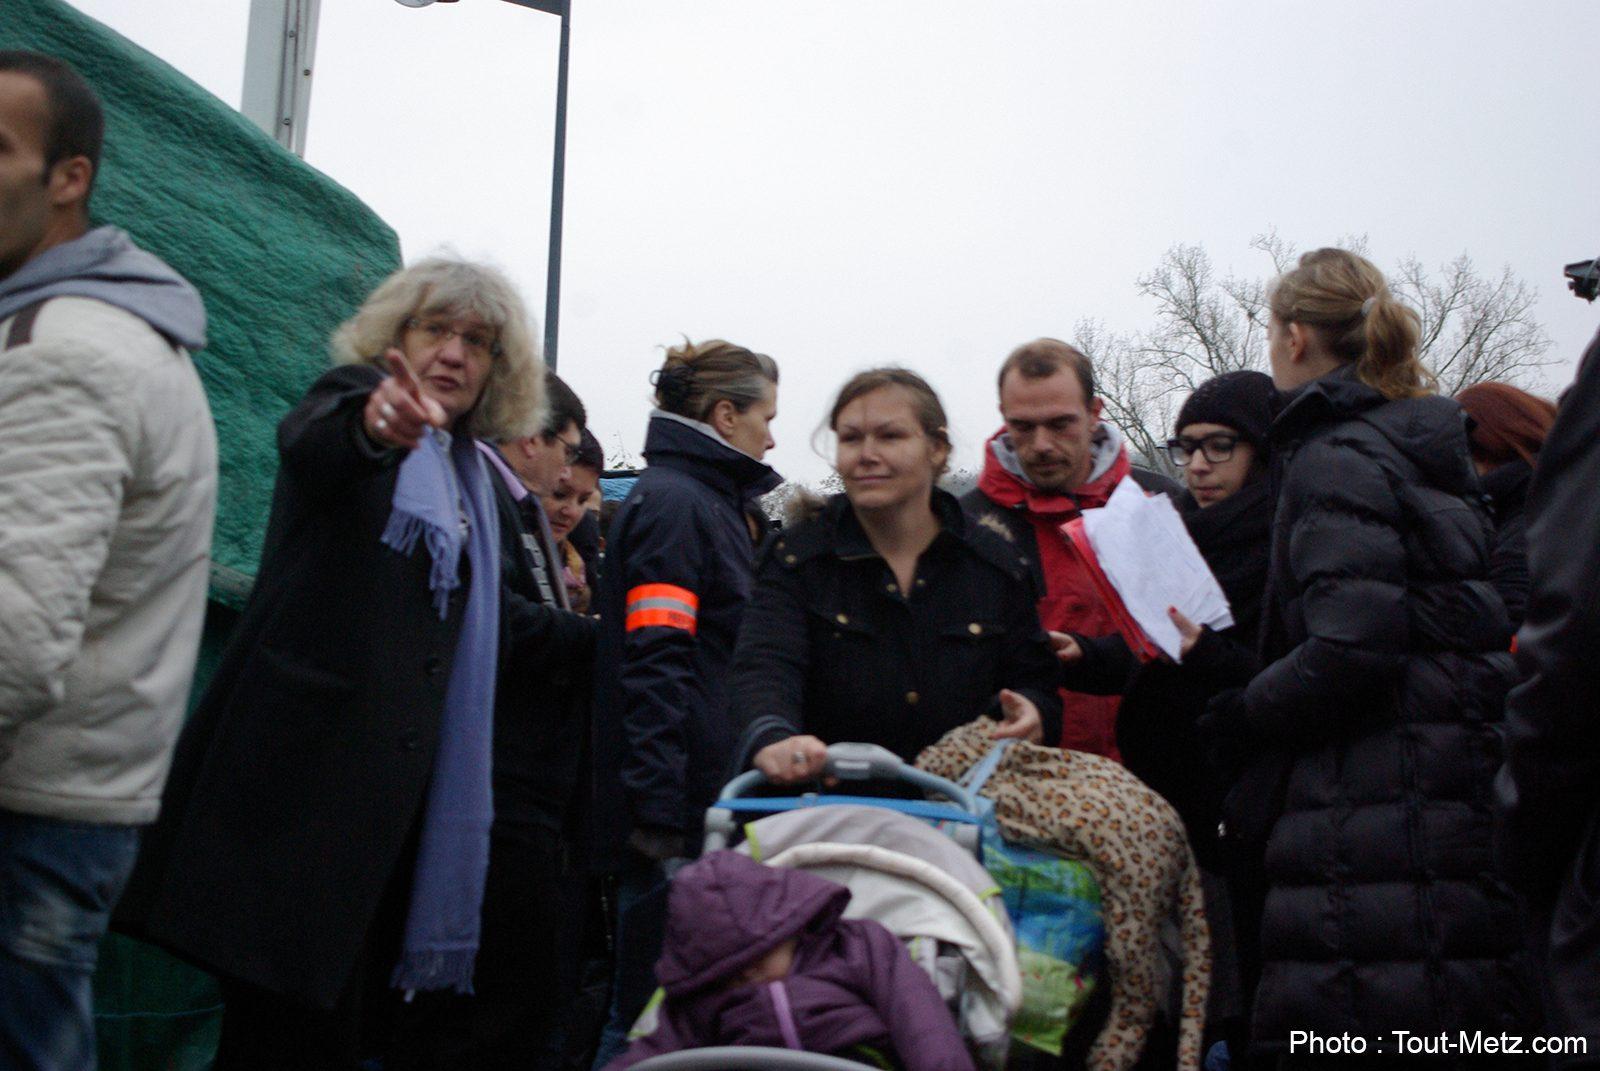 Photo of Campement des demandeurs d'asile : l'histoire se répète à Metz Blida (photos)